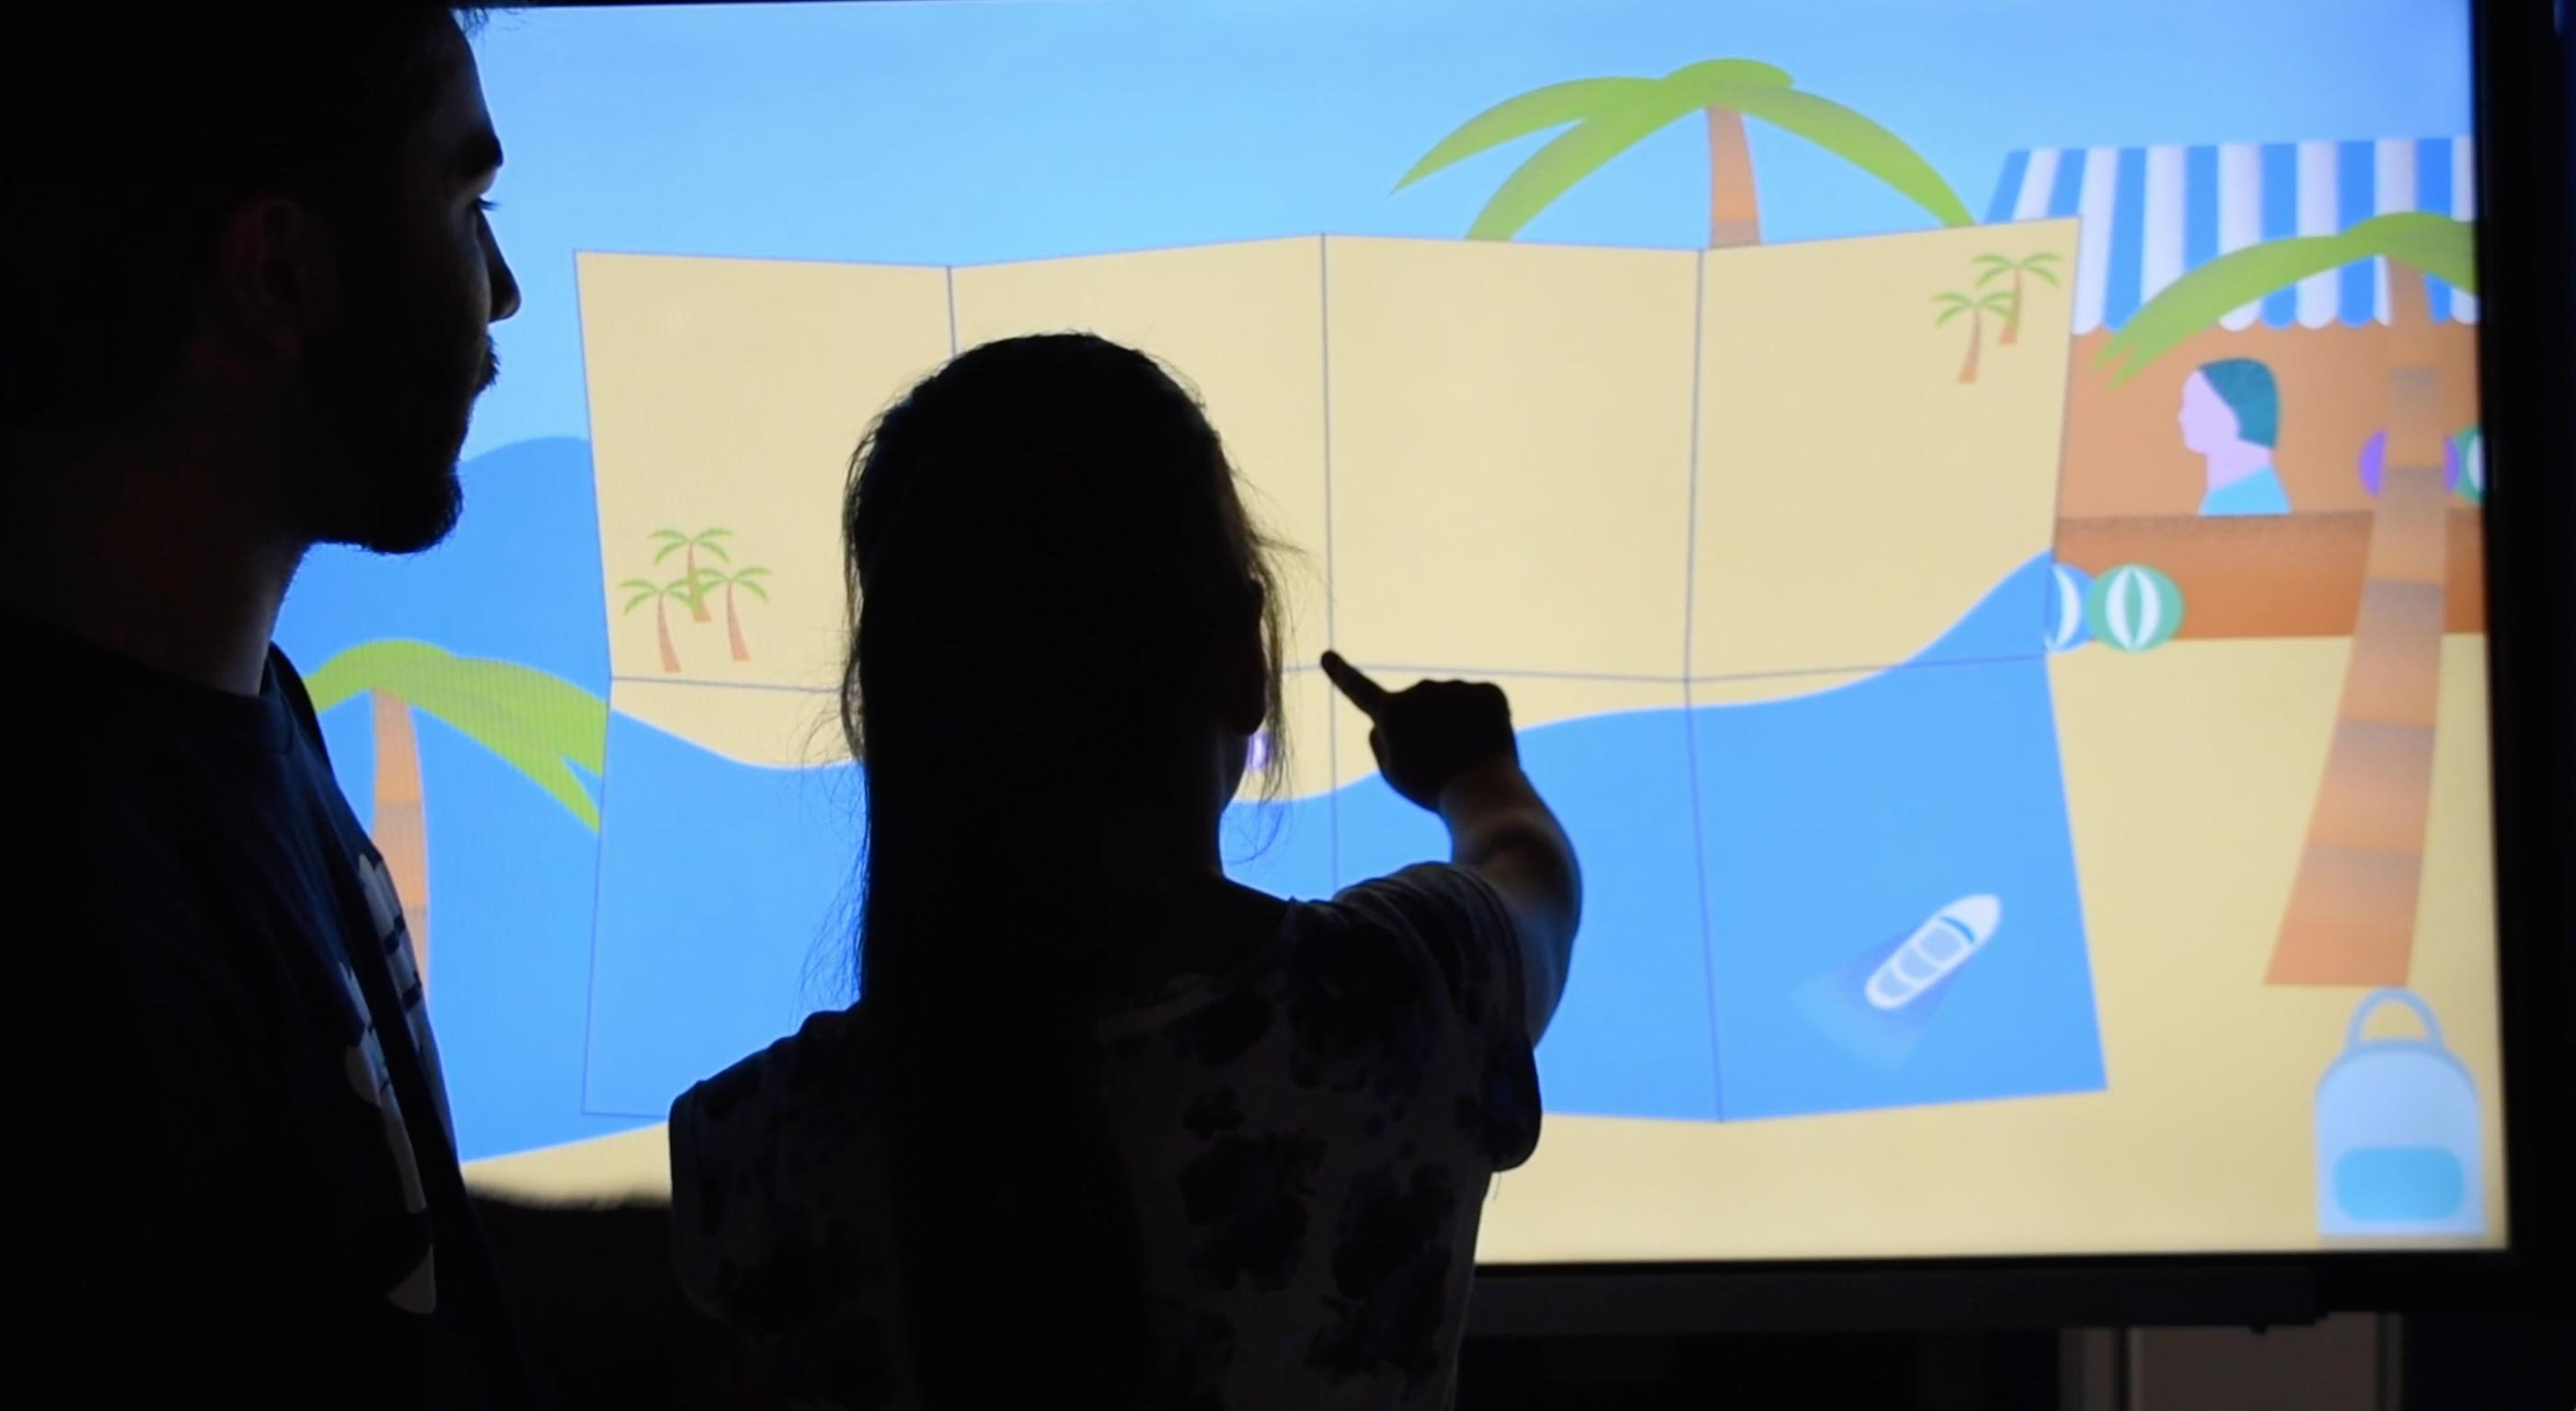 Auf dem Bild ist ein Kind seinem Vater, das auf einen großen Touchmonitor tippt. Auf dem Monitor läuft unser Spiel. Angezeigt wird eine Karte, auf der man sich das nächste Besuchsziel aussuchen kann.